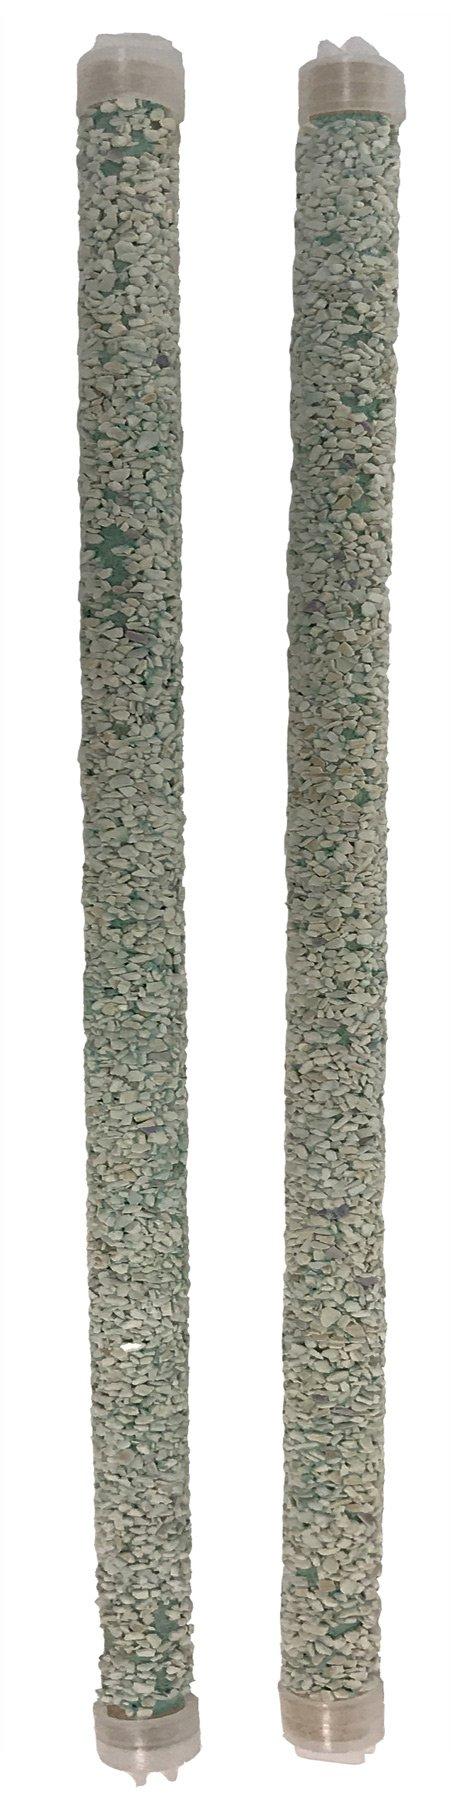 Penn Plax BA234 Trimmer+Plus Cement Perches Wood Frames, 18-Inch